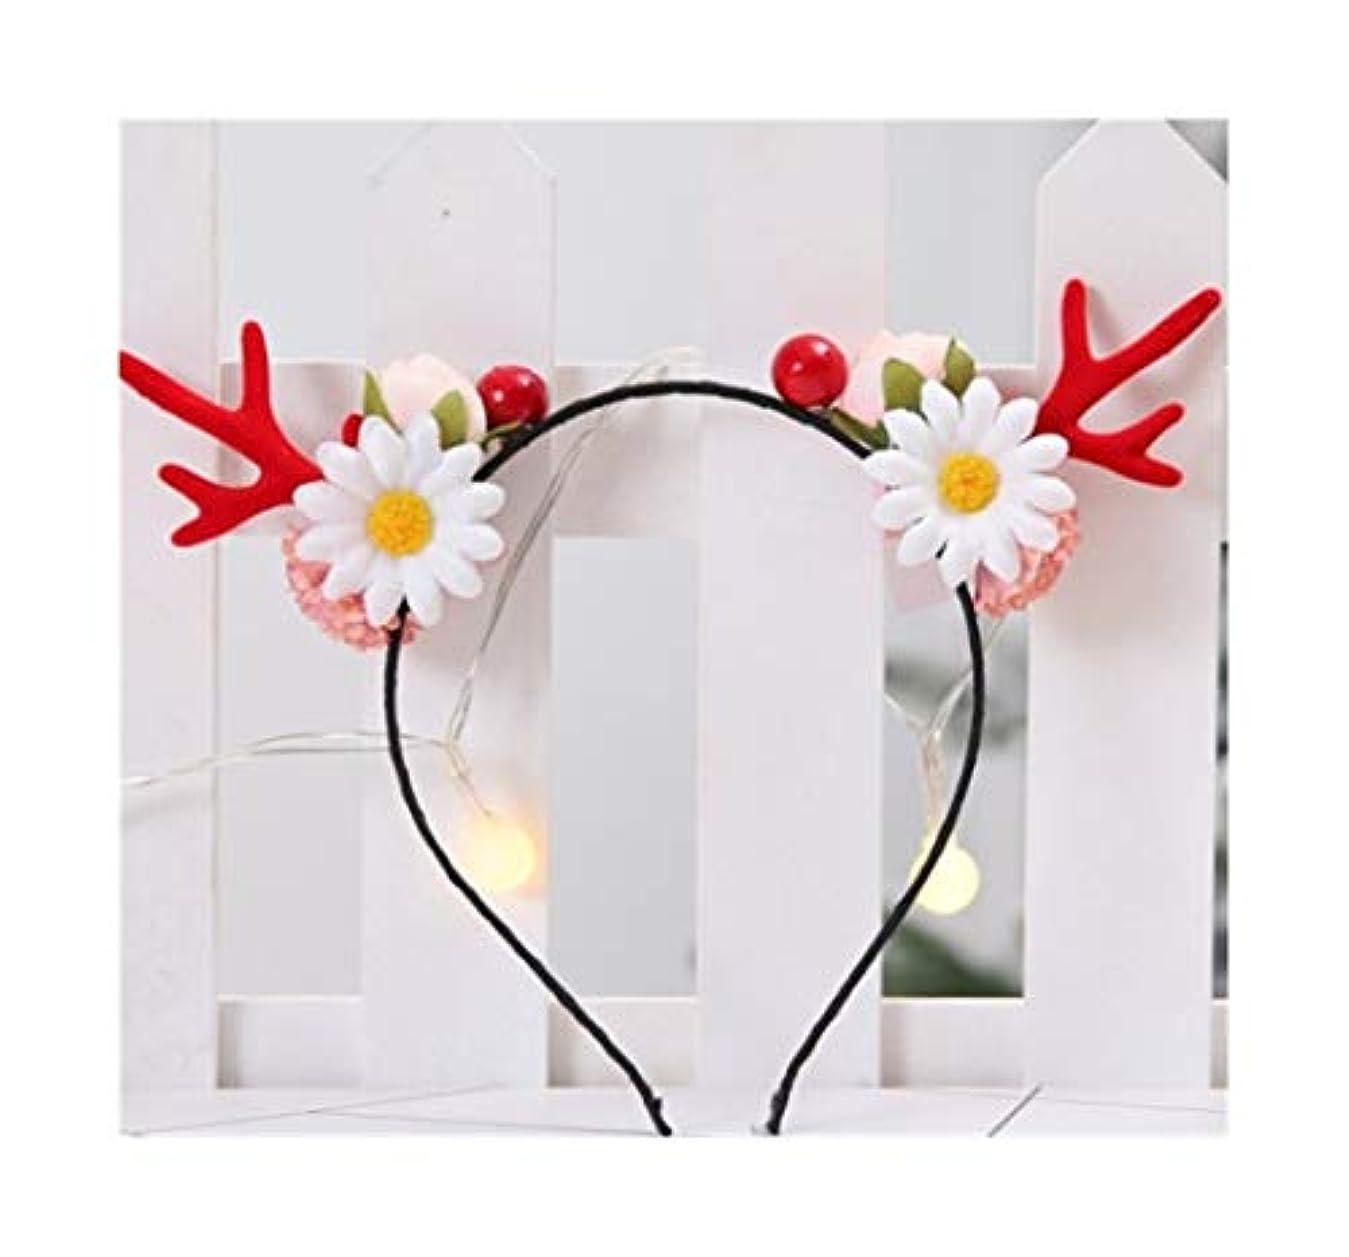 交渉する刑務所下着同じ段落クリスマス枝角ヘアピン小さなクリップ大人面白いネット赤い髪カーソン女性のヘアアクセサリーヘラジカヘッドの装飾品赤い枝角の花のヘッドバンド